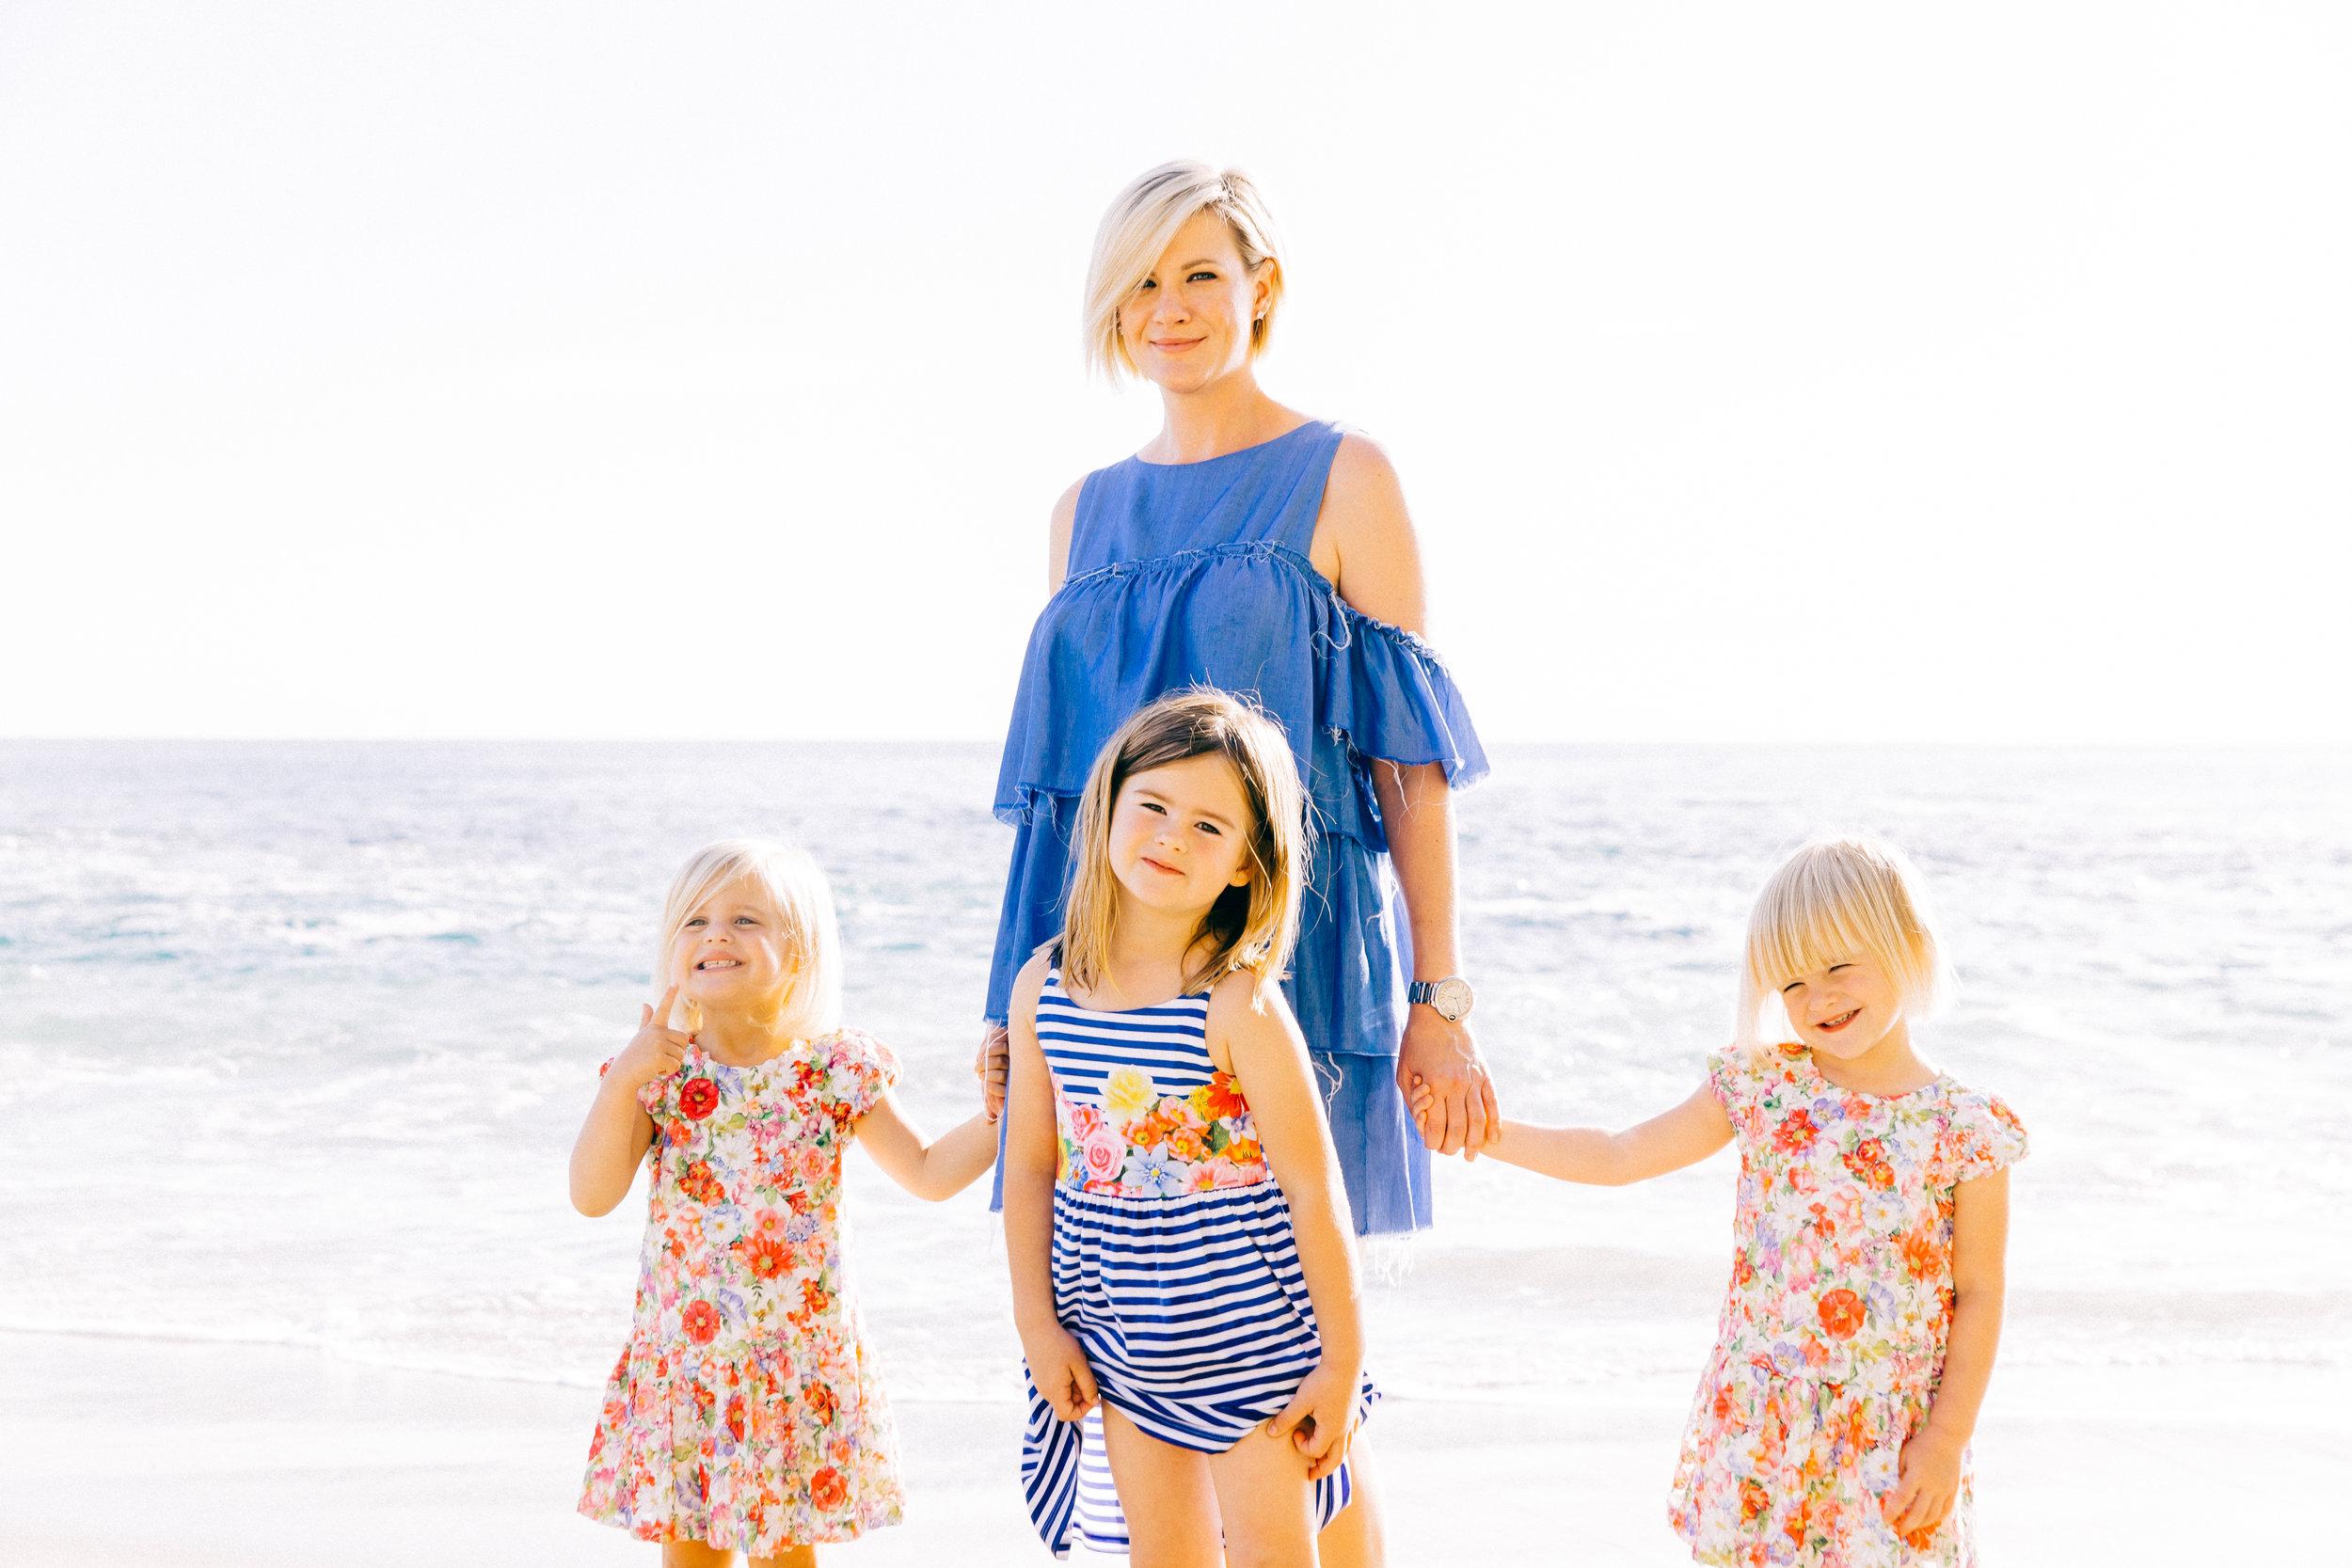 Family Photo Shoot Beach Play Family Photoshoot Hailley Howard Photography